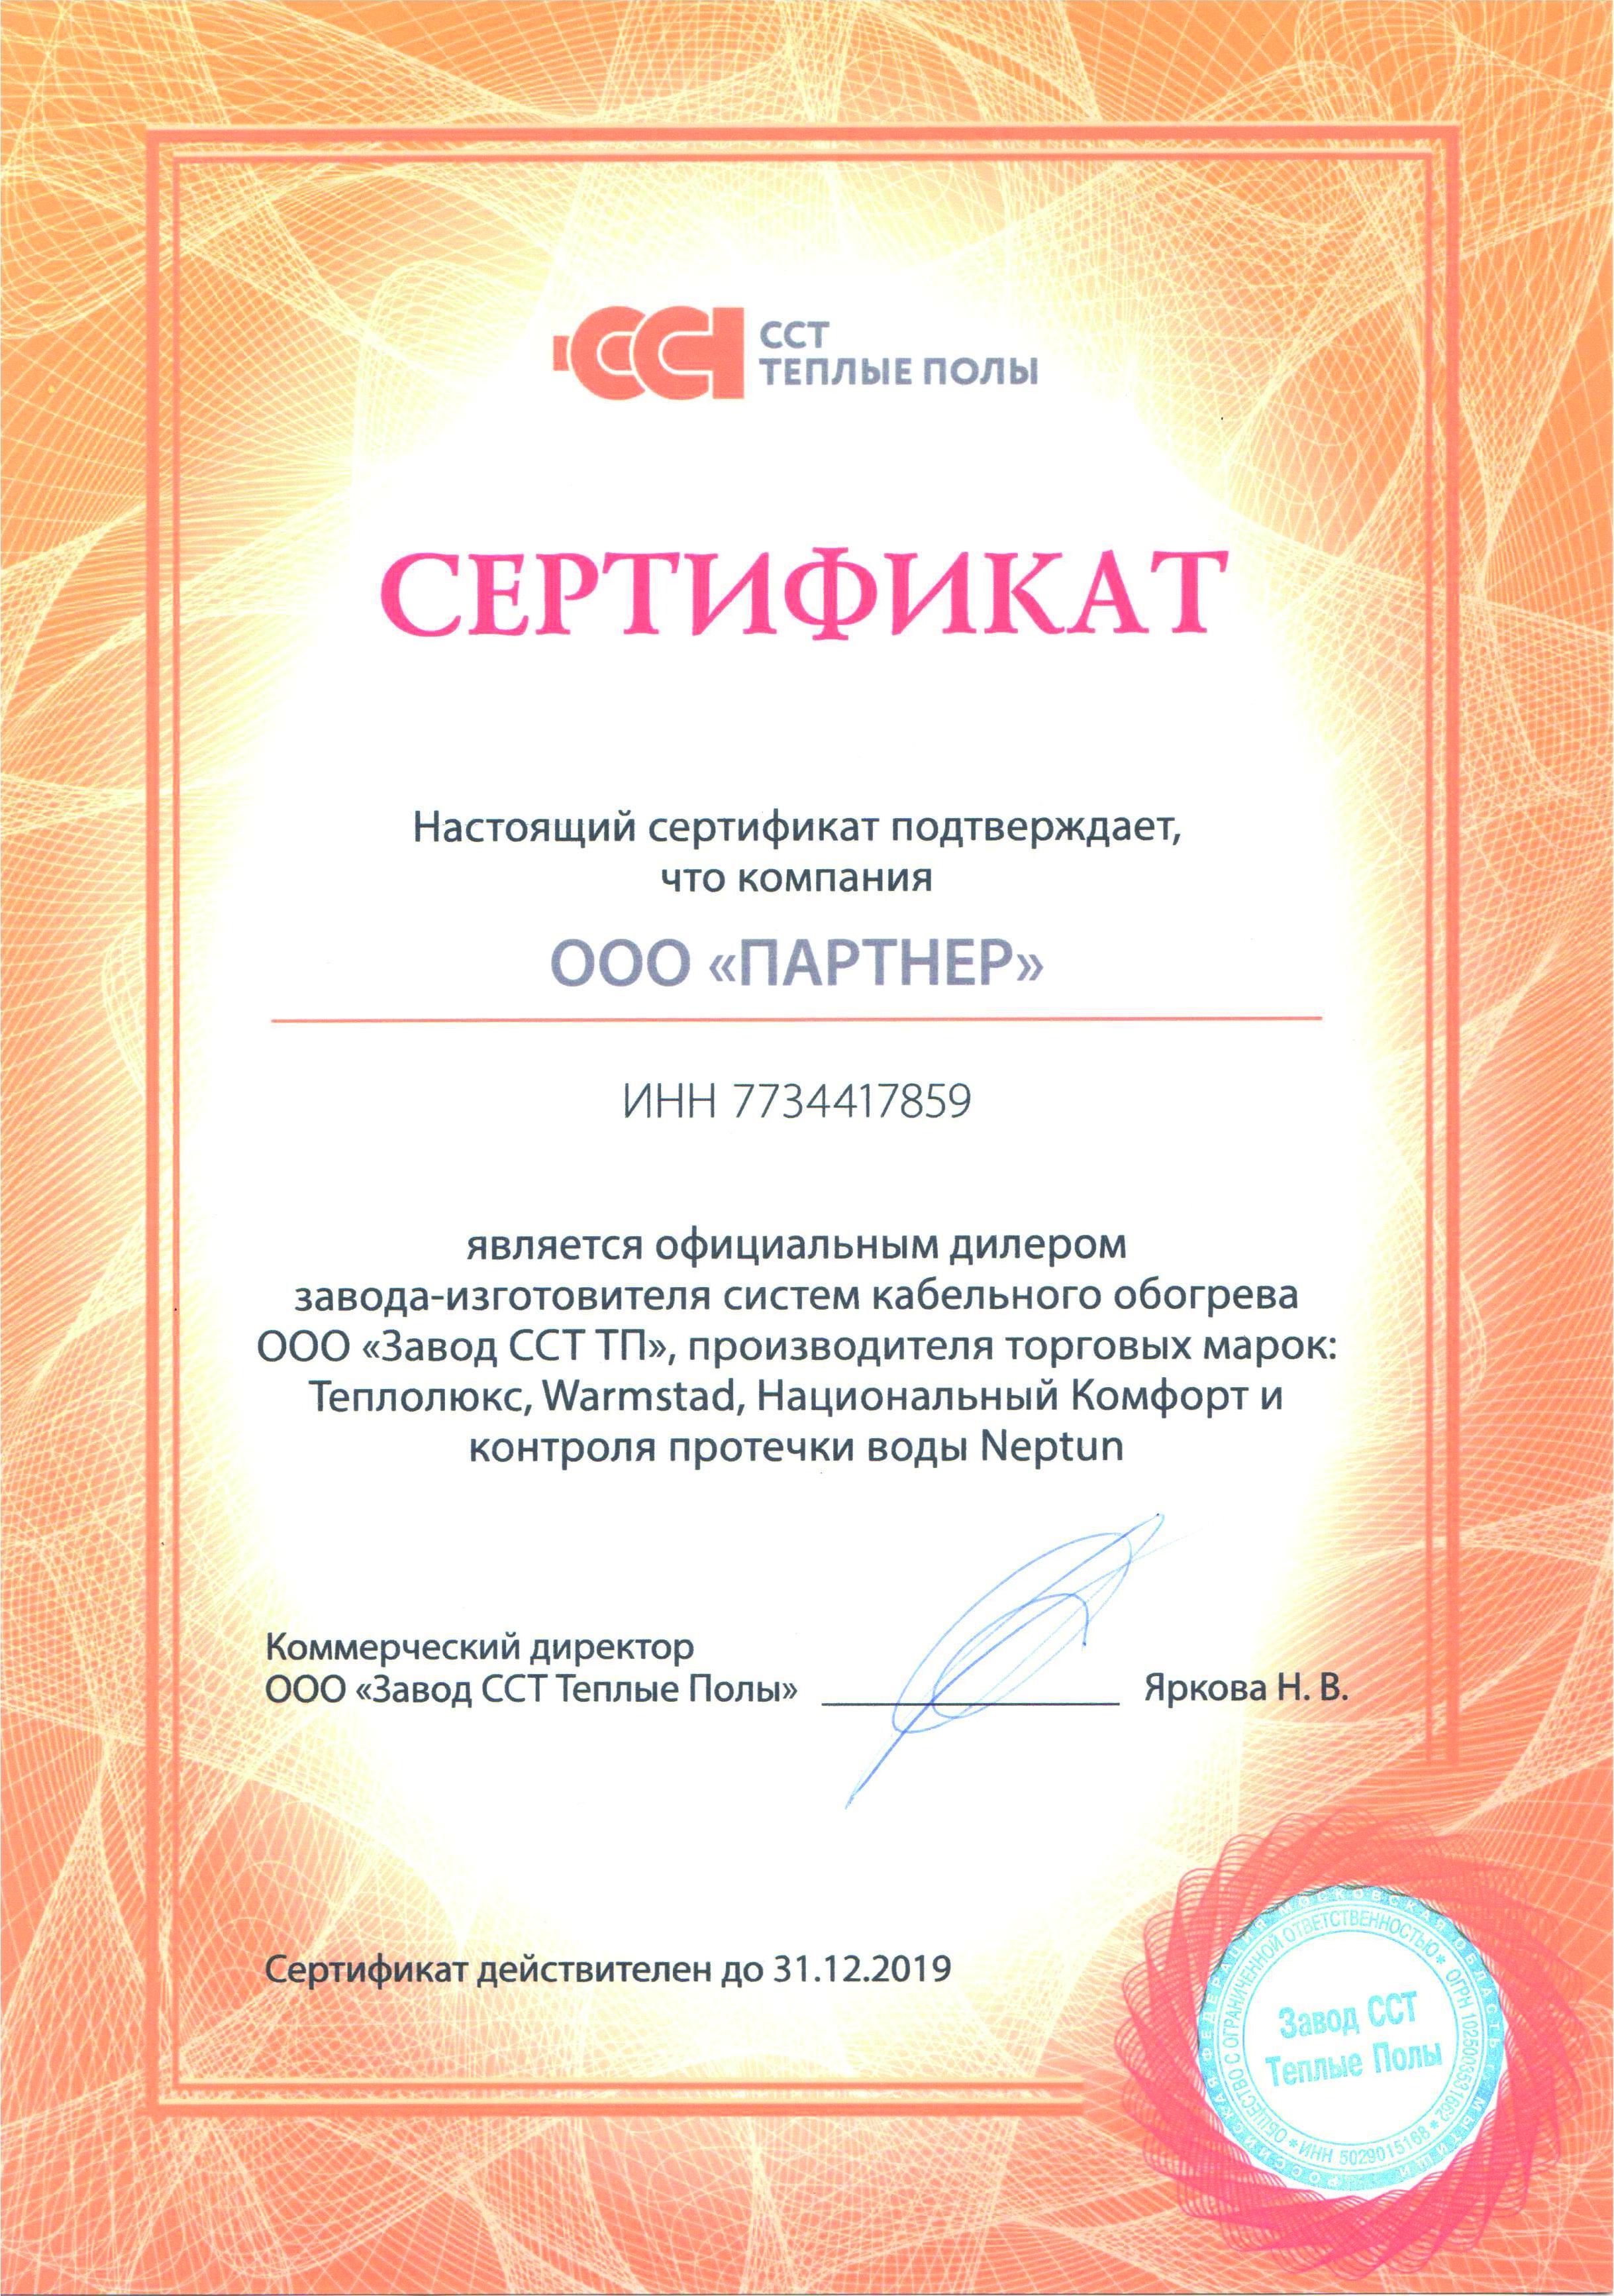 Сертификат соответствия торговой марки Теплолюкс